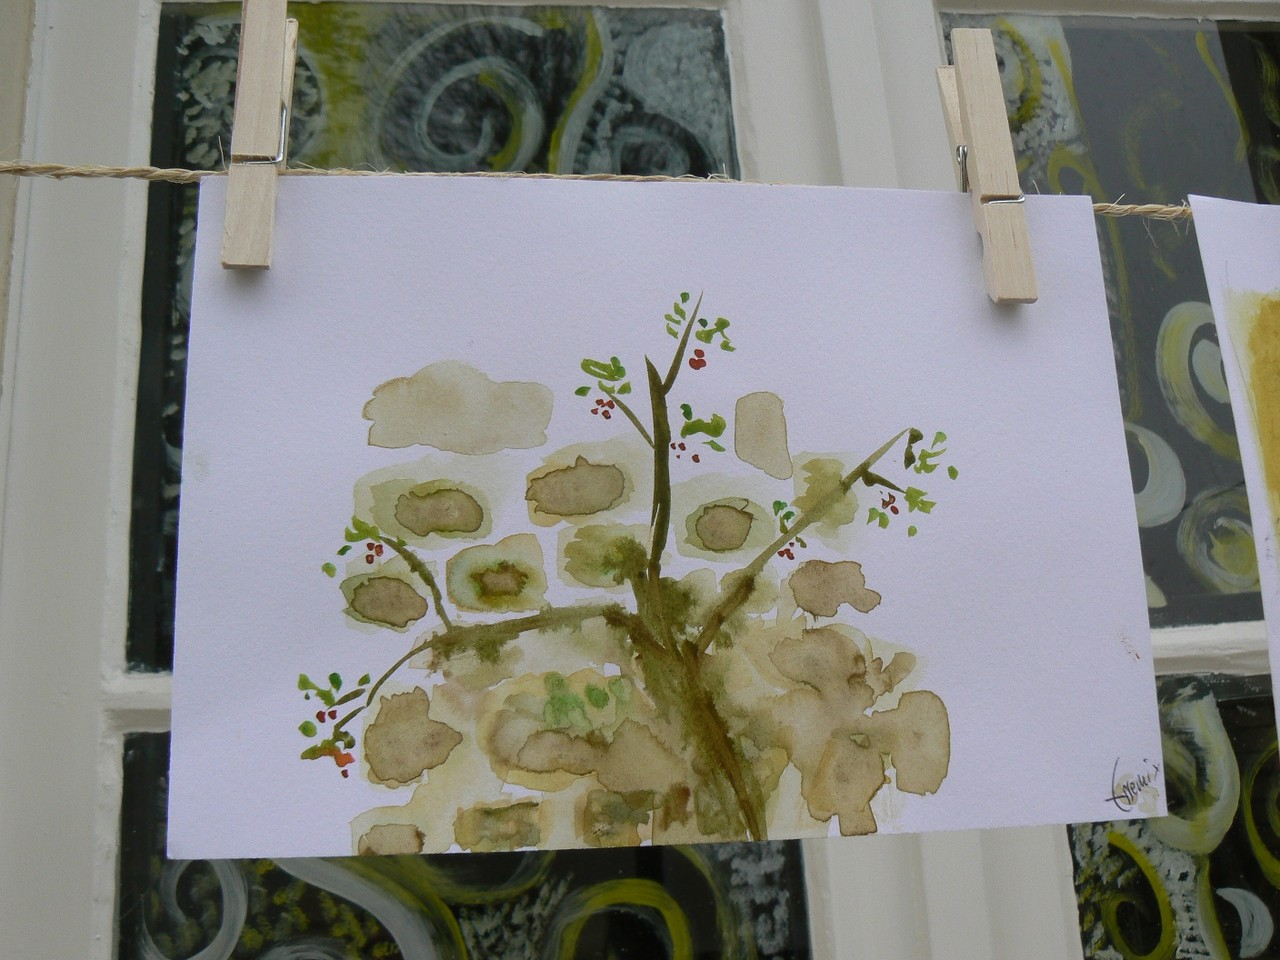 Dessin de l'atelier entre 'pierres et plantes', Vertheuil